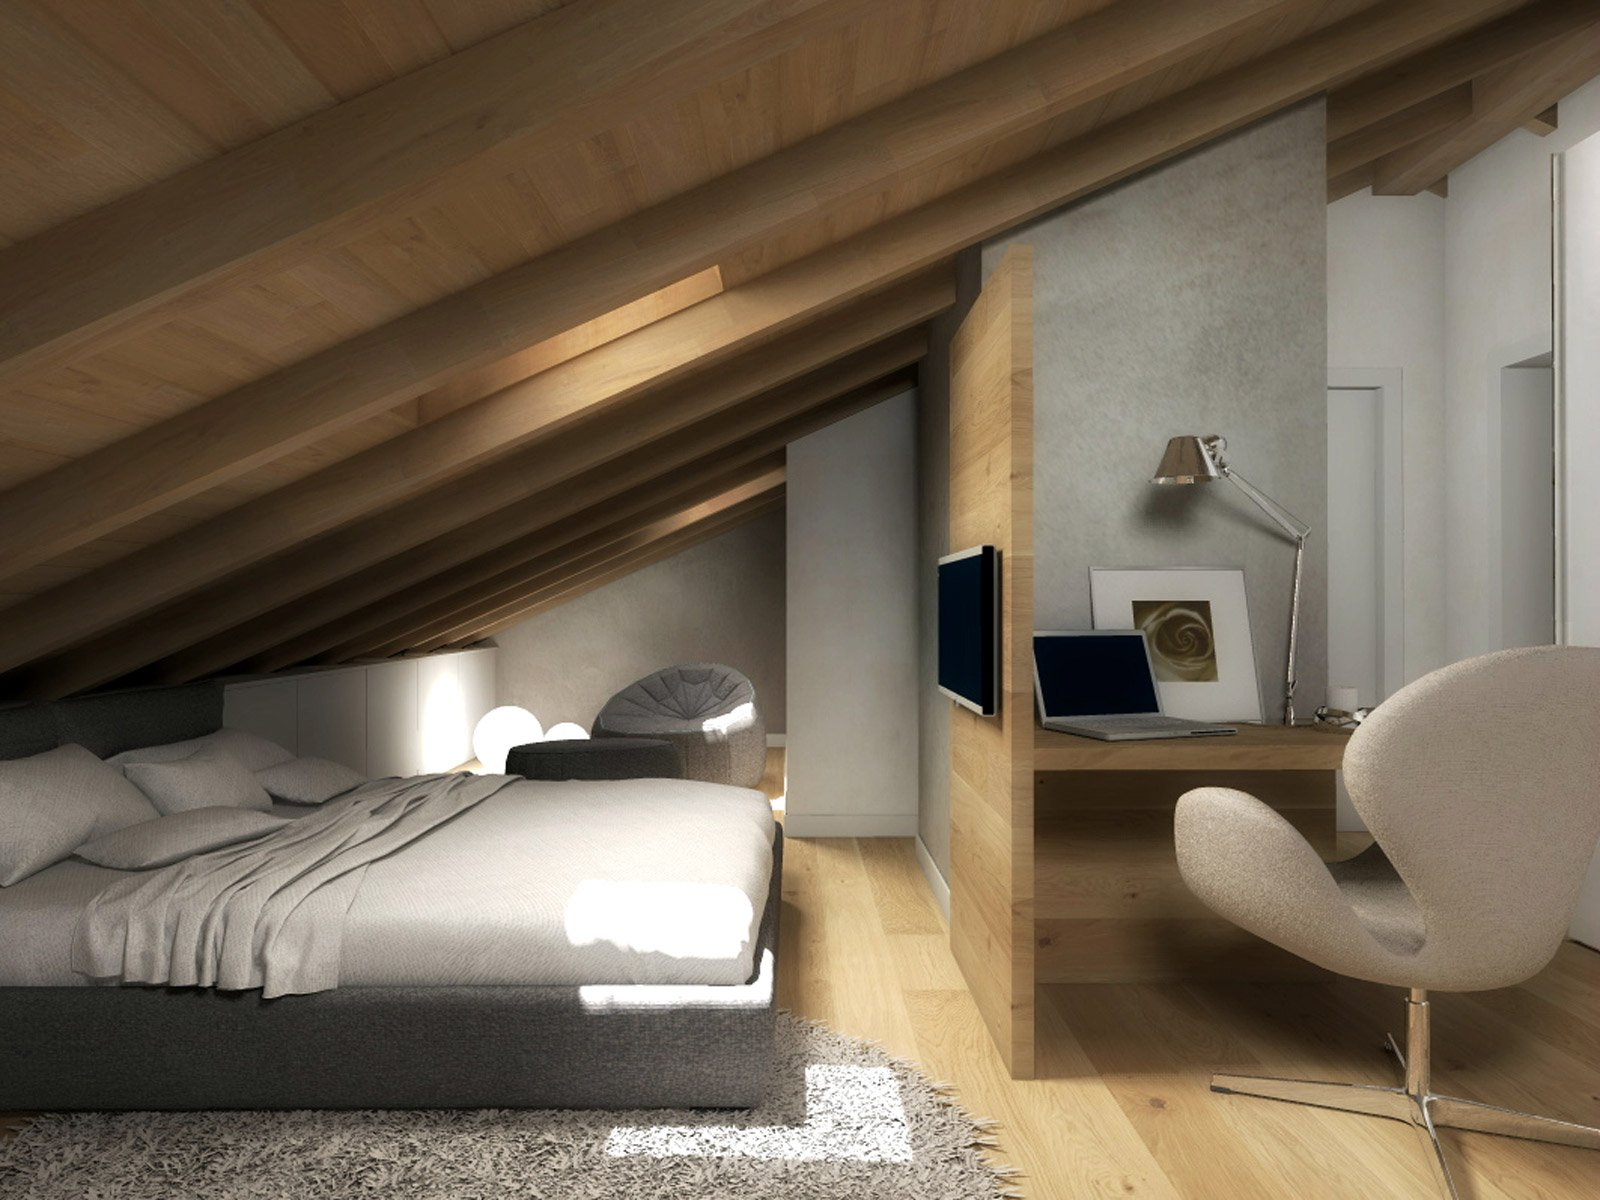 progettare una camera da letto programmi per arredare progettare ...